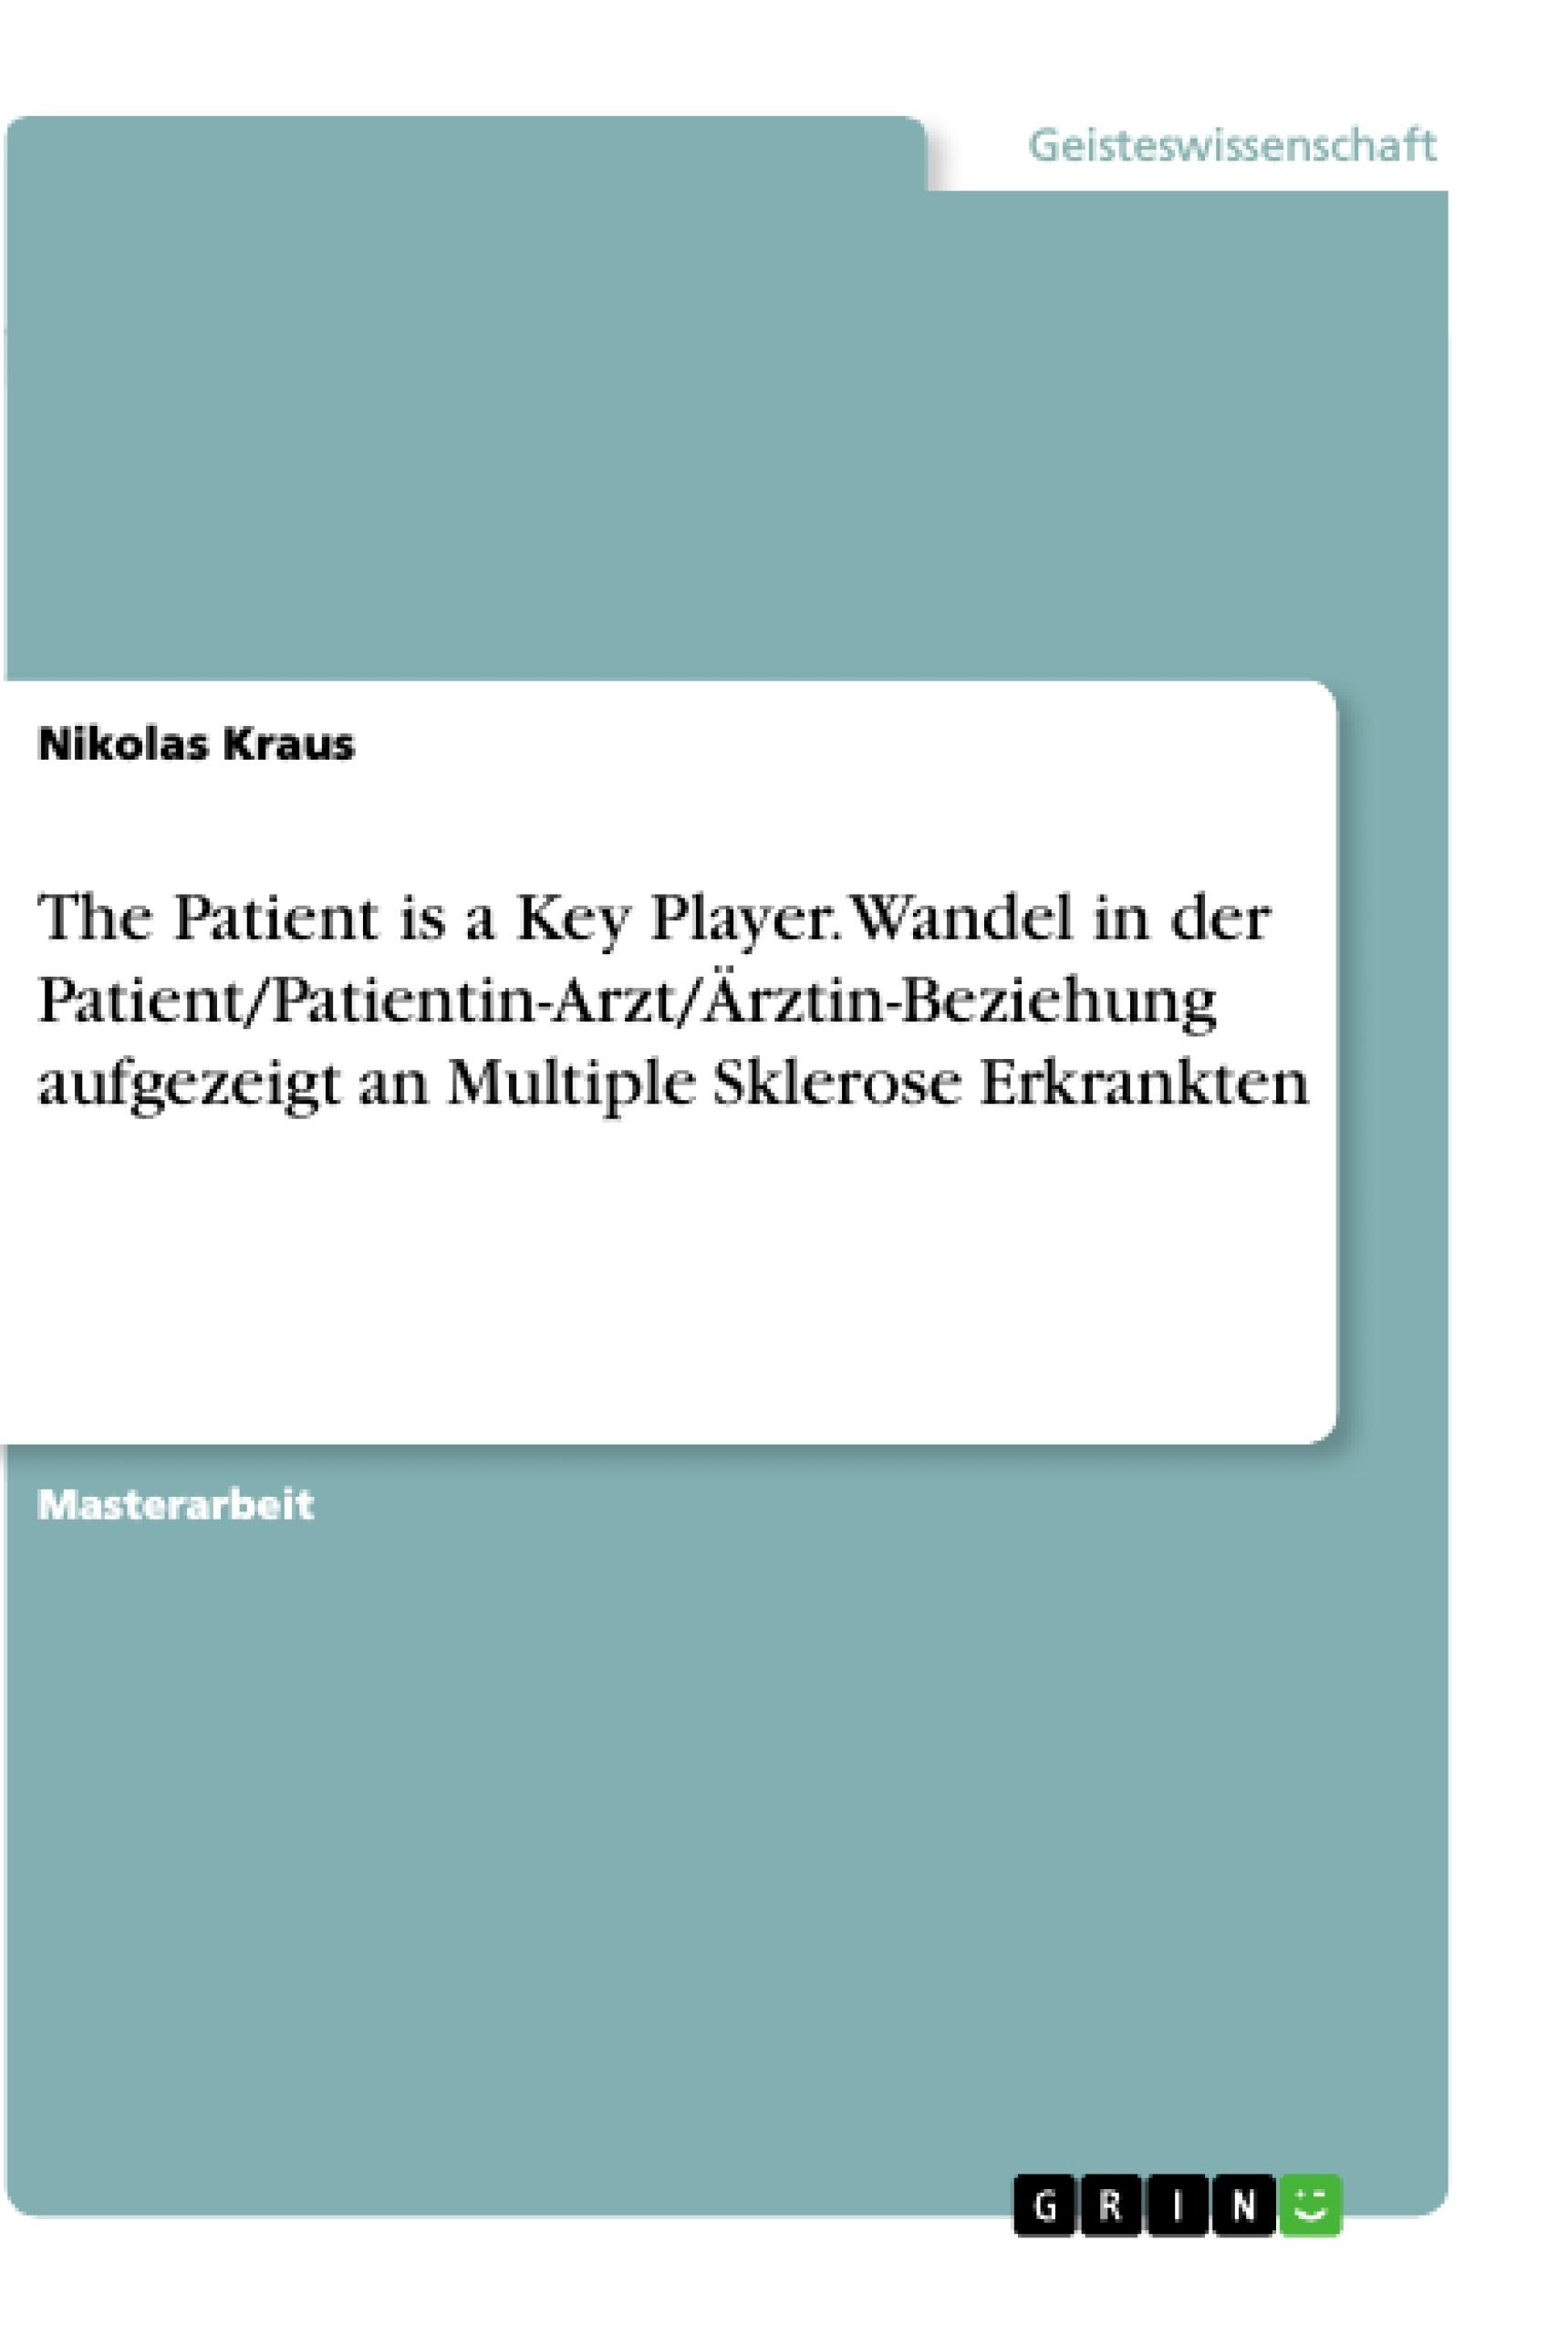 Titel: The Patient is a Key Player. Wandel in der Patient/Patientin-Arzt/Ärztin-Beziehung aufgezeigt an Multiple Sklerose Erkrankten